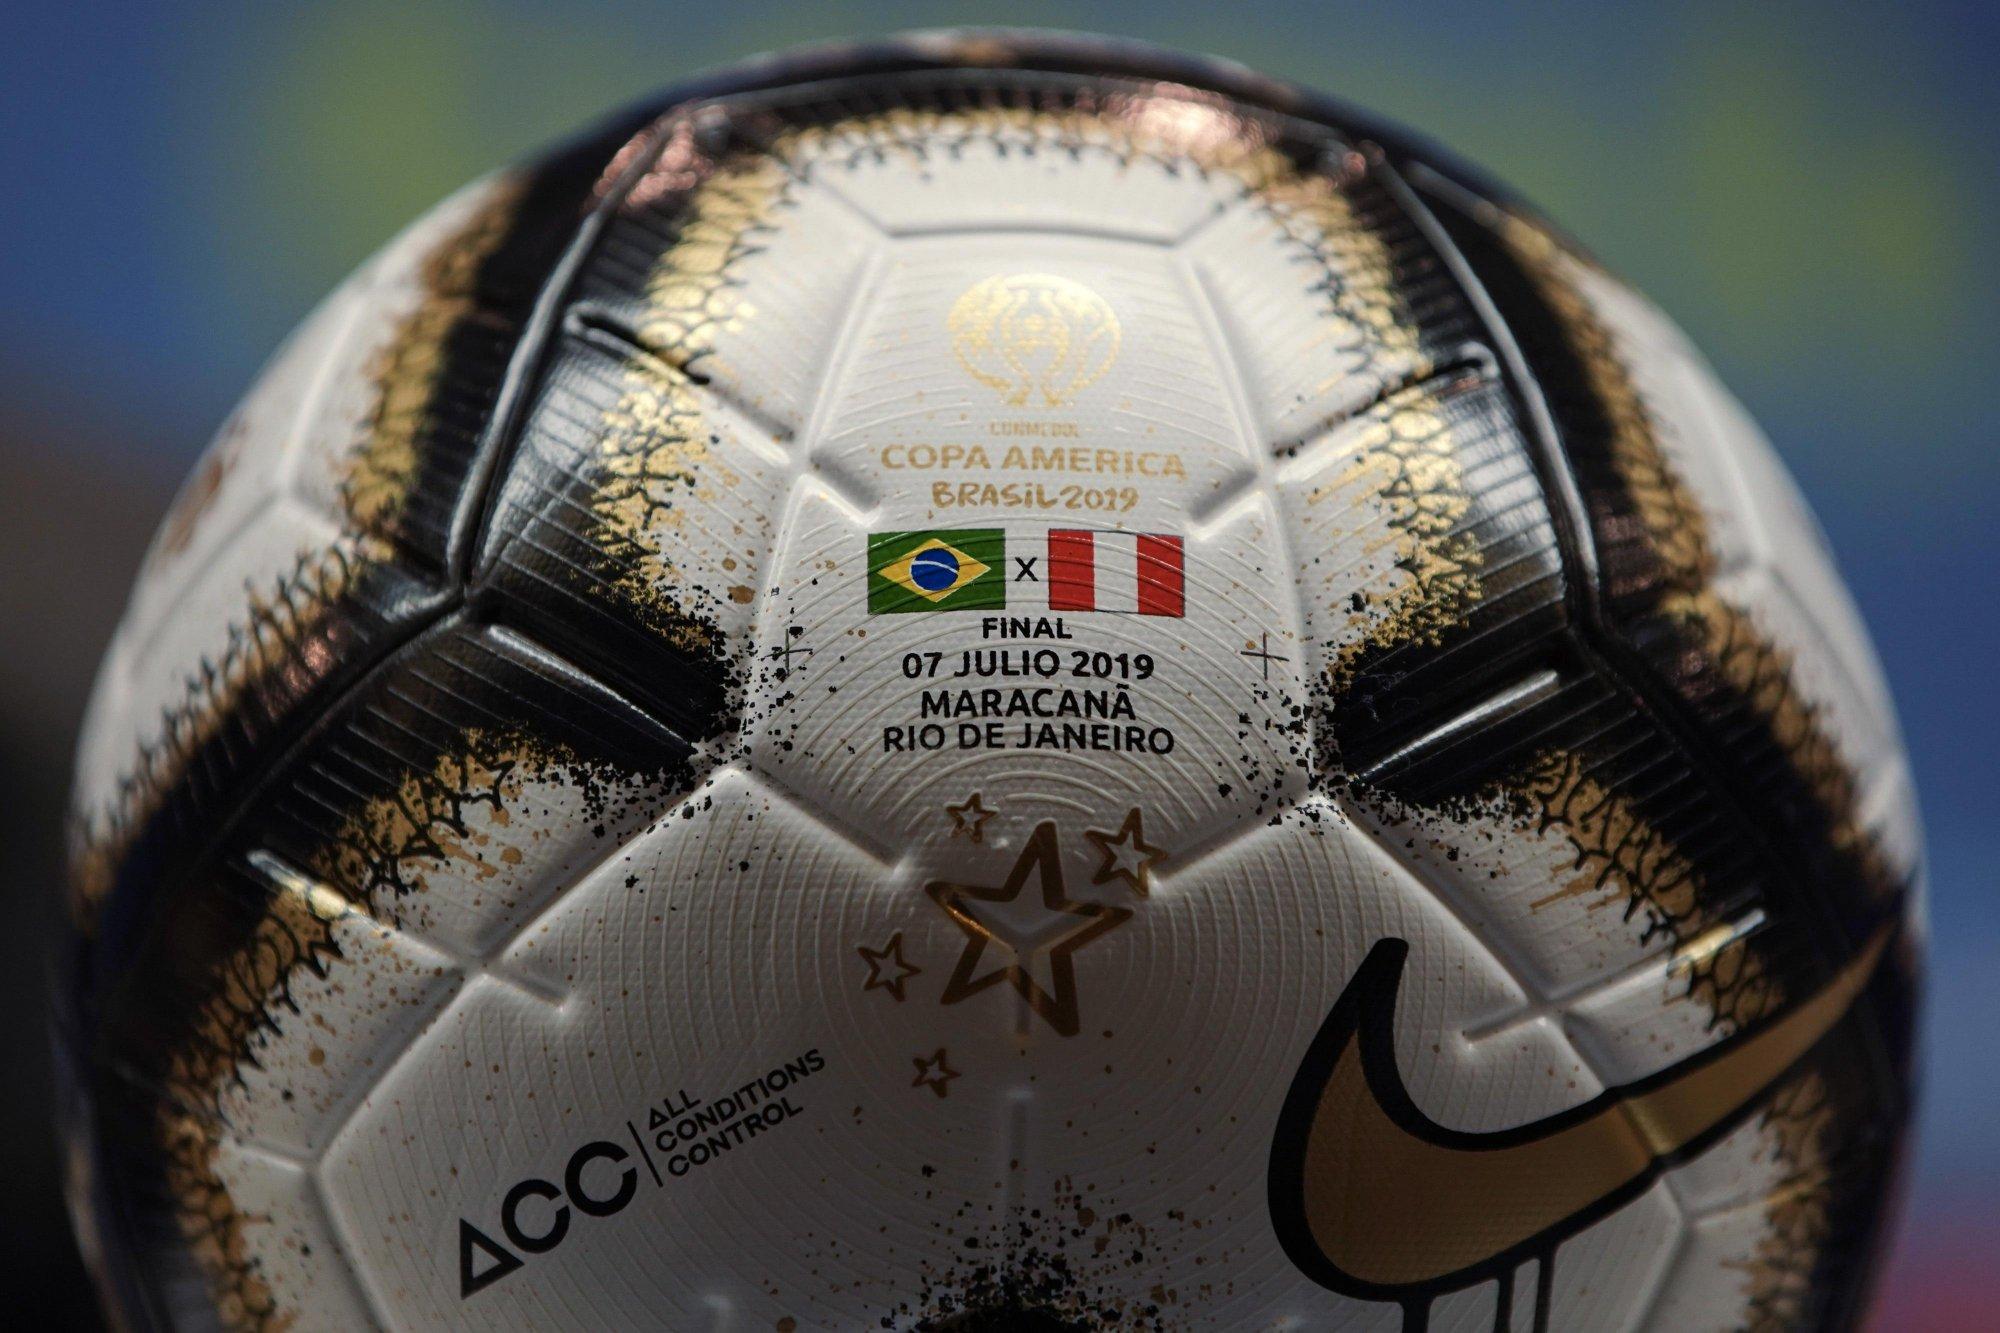 DAZN, Copa America Finali, Diretta Esclusiva, Palinsesto e Telecronisti